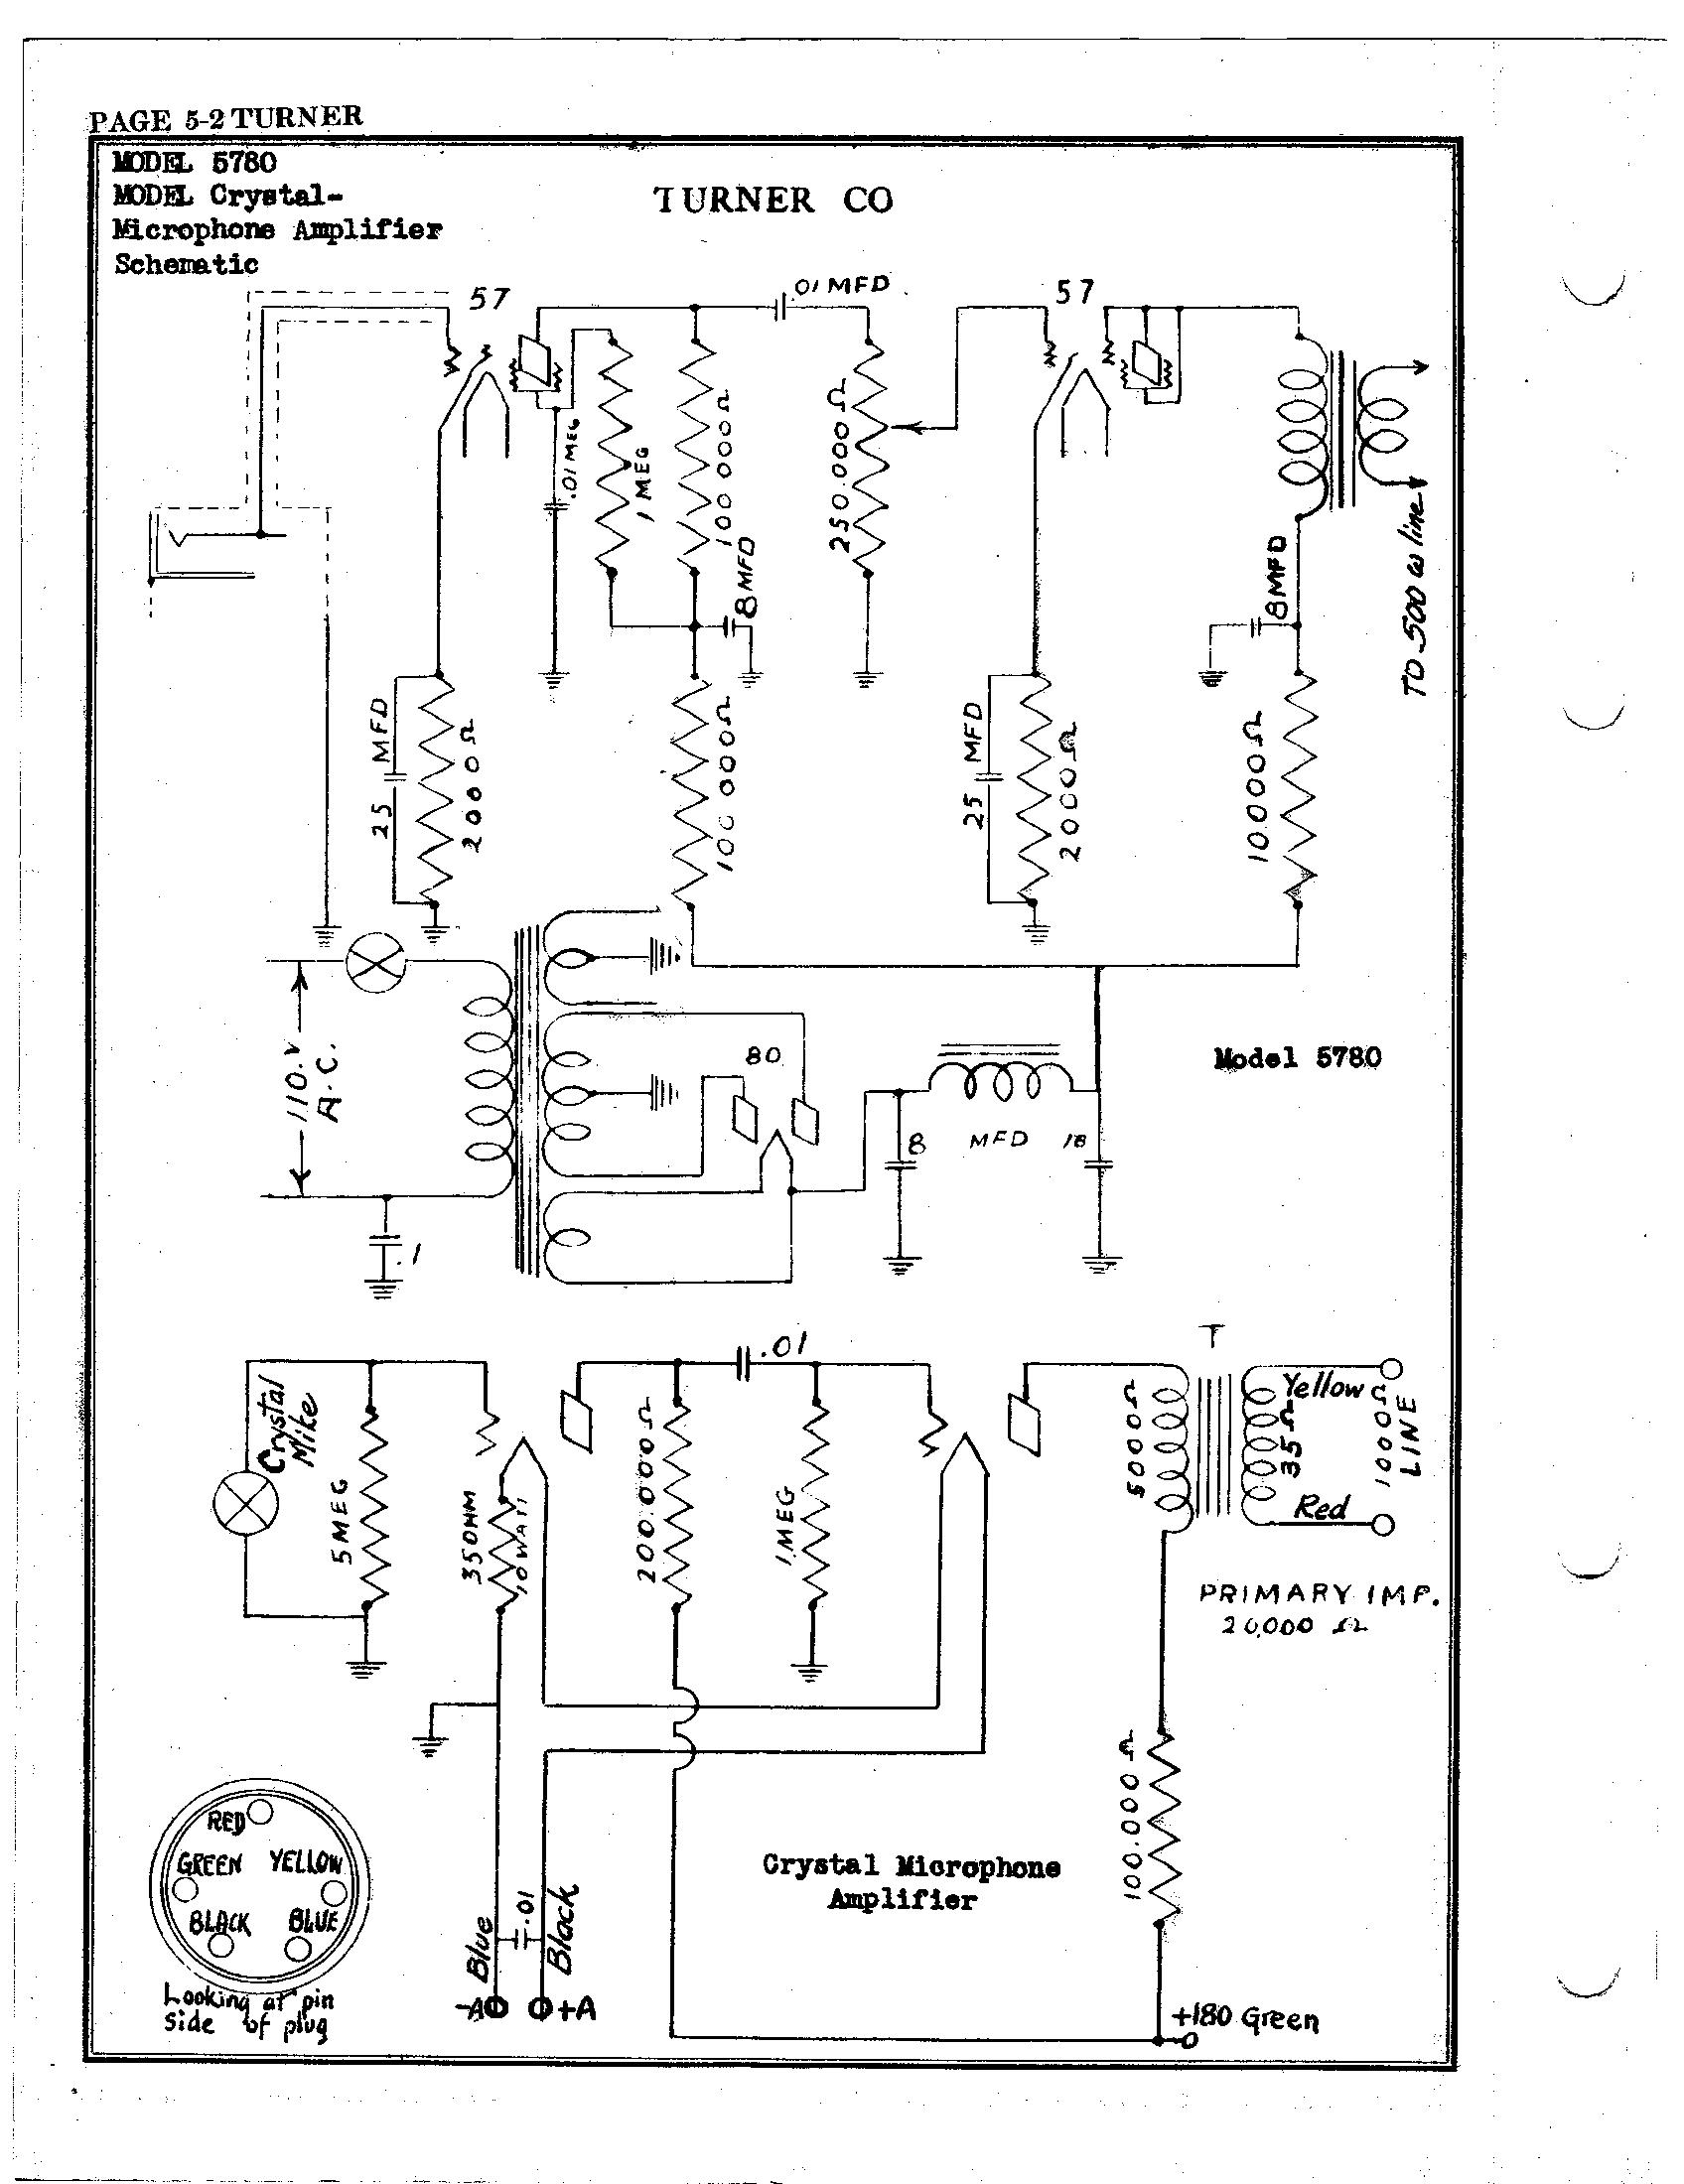 road king 56 mic wiring diagram